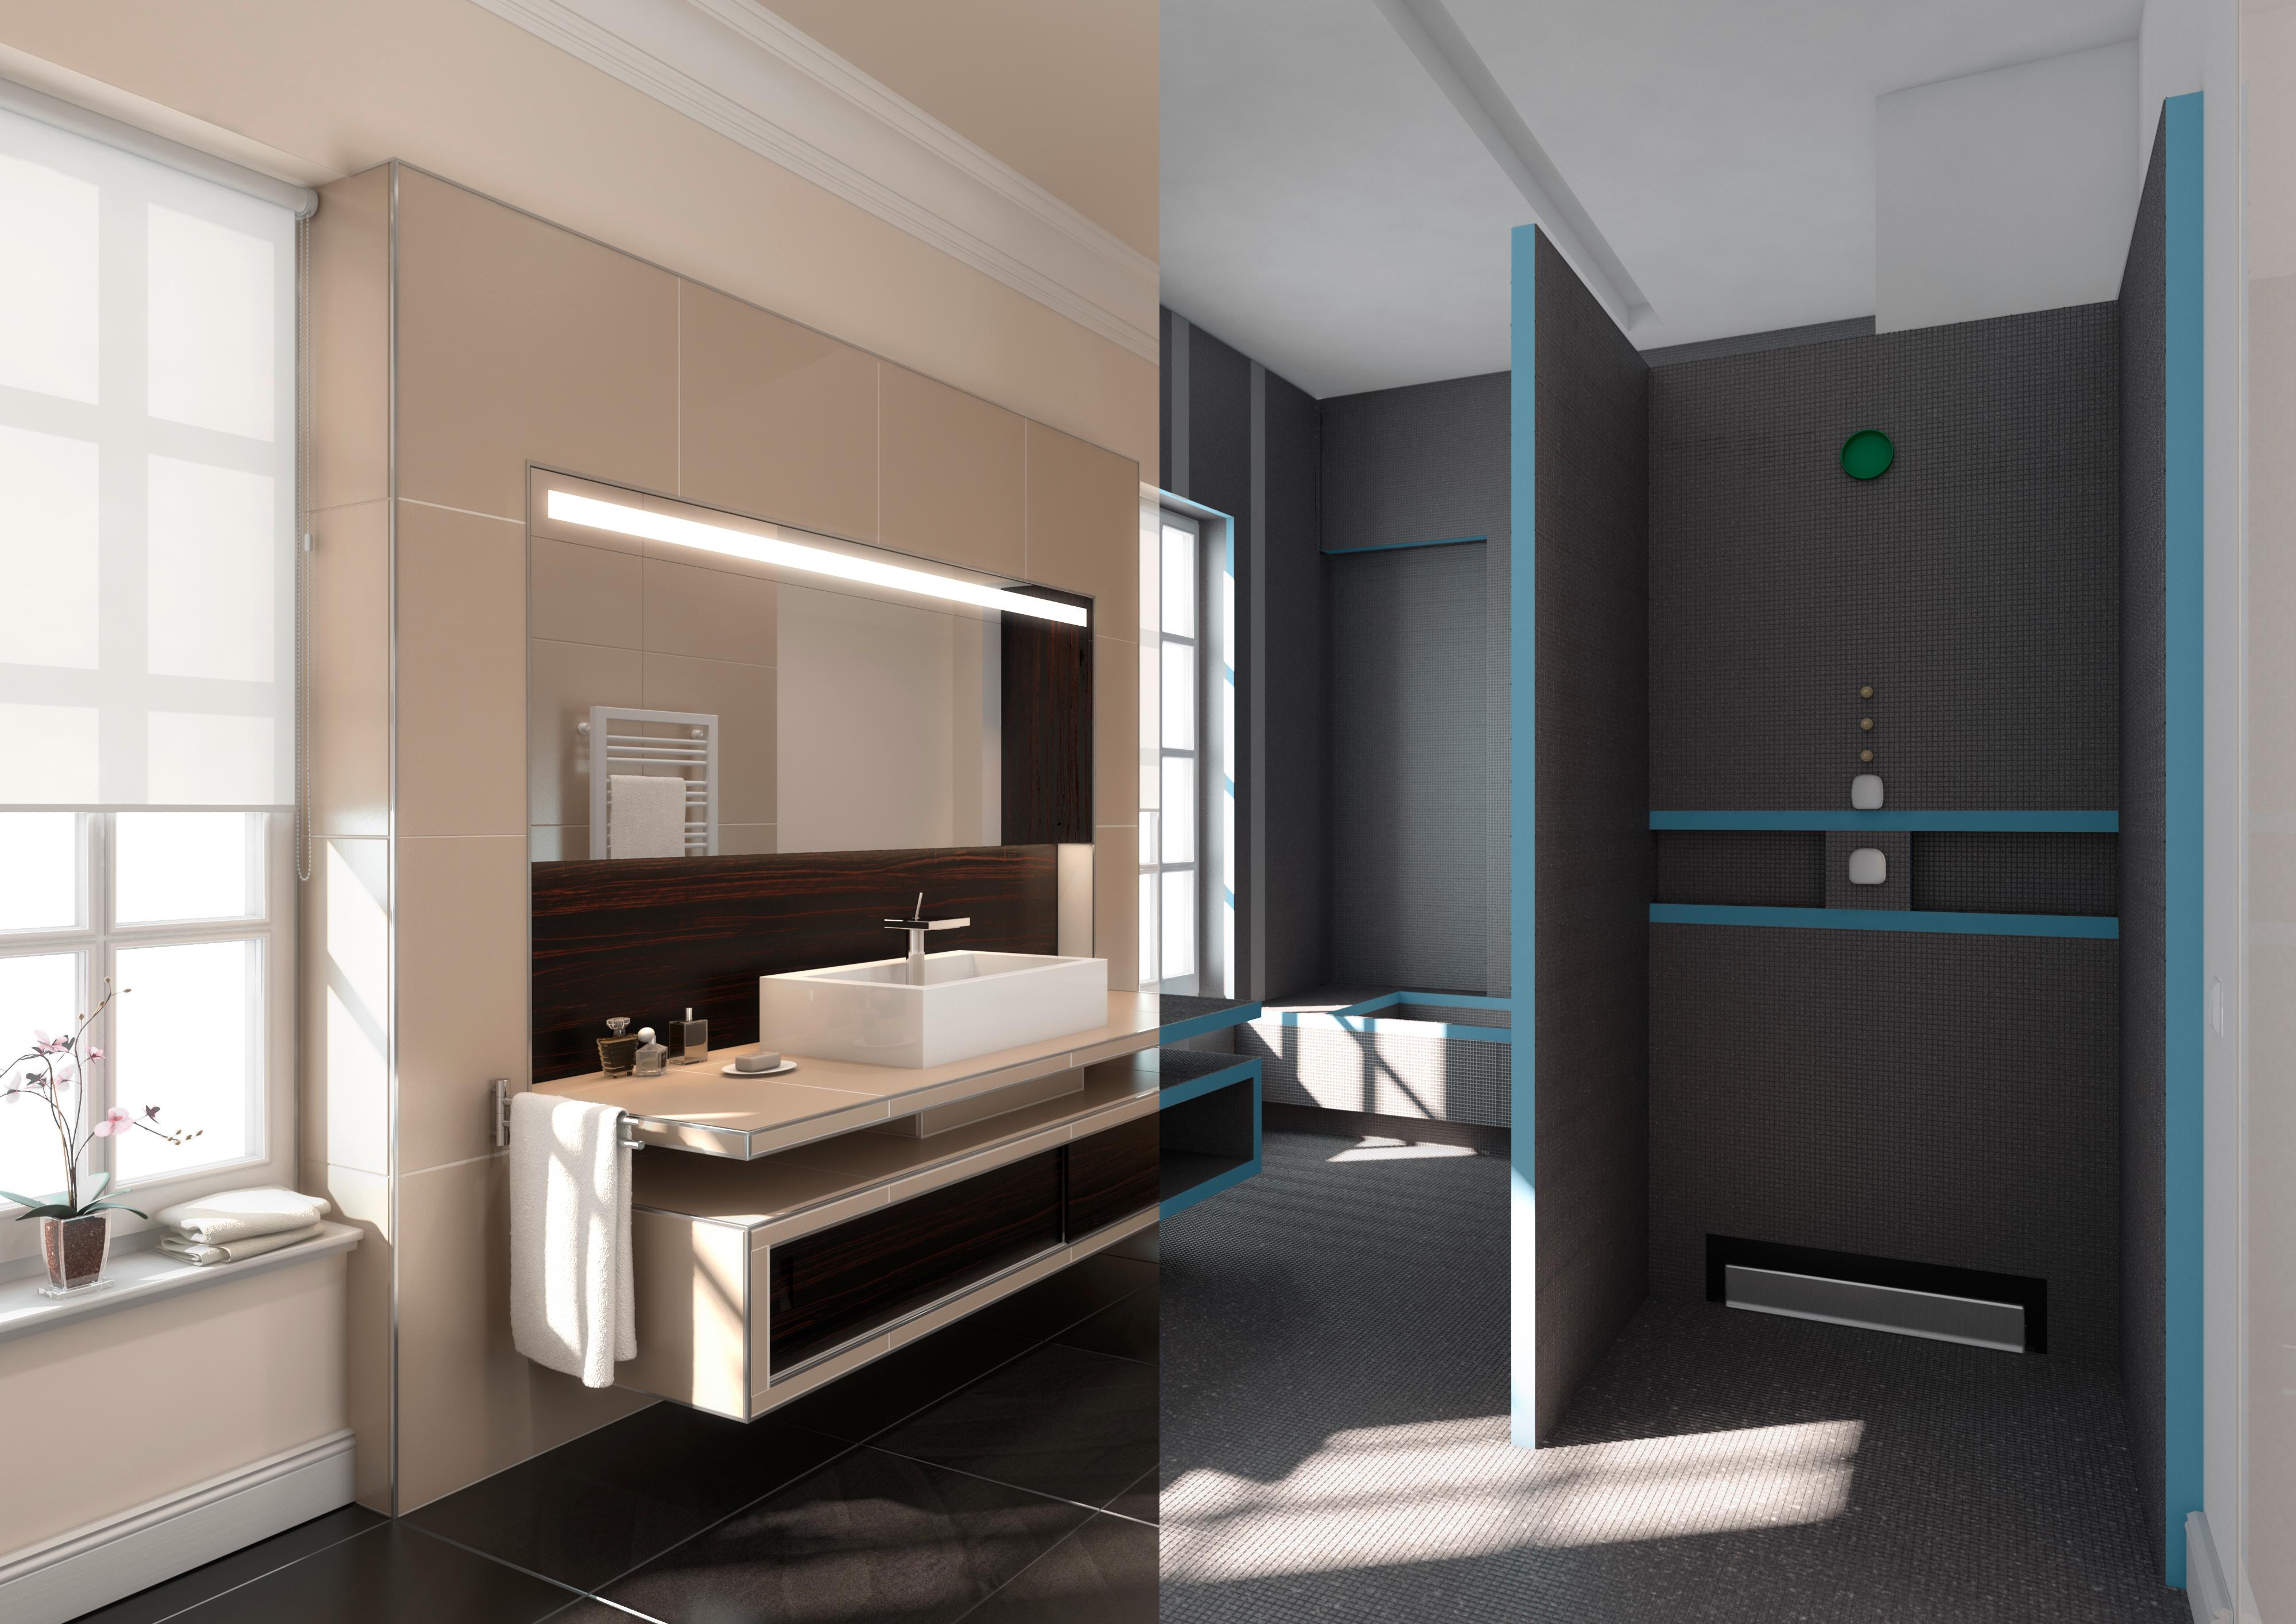 wedi gmbh verkauf verlegung von auslegware von boden und wandbel gen emsdetten. Black Bedroom Furniture Sets. Home Design Ideas